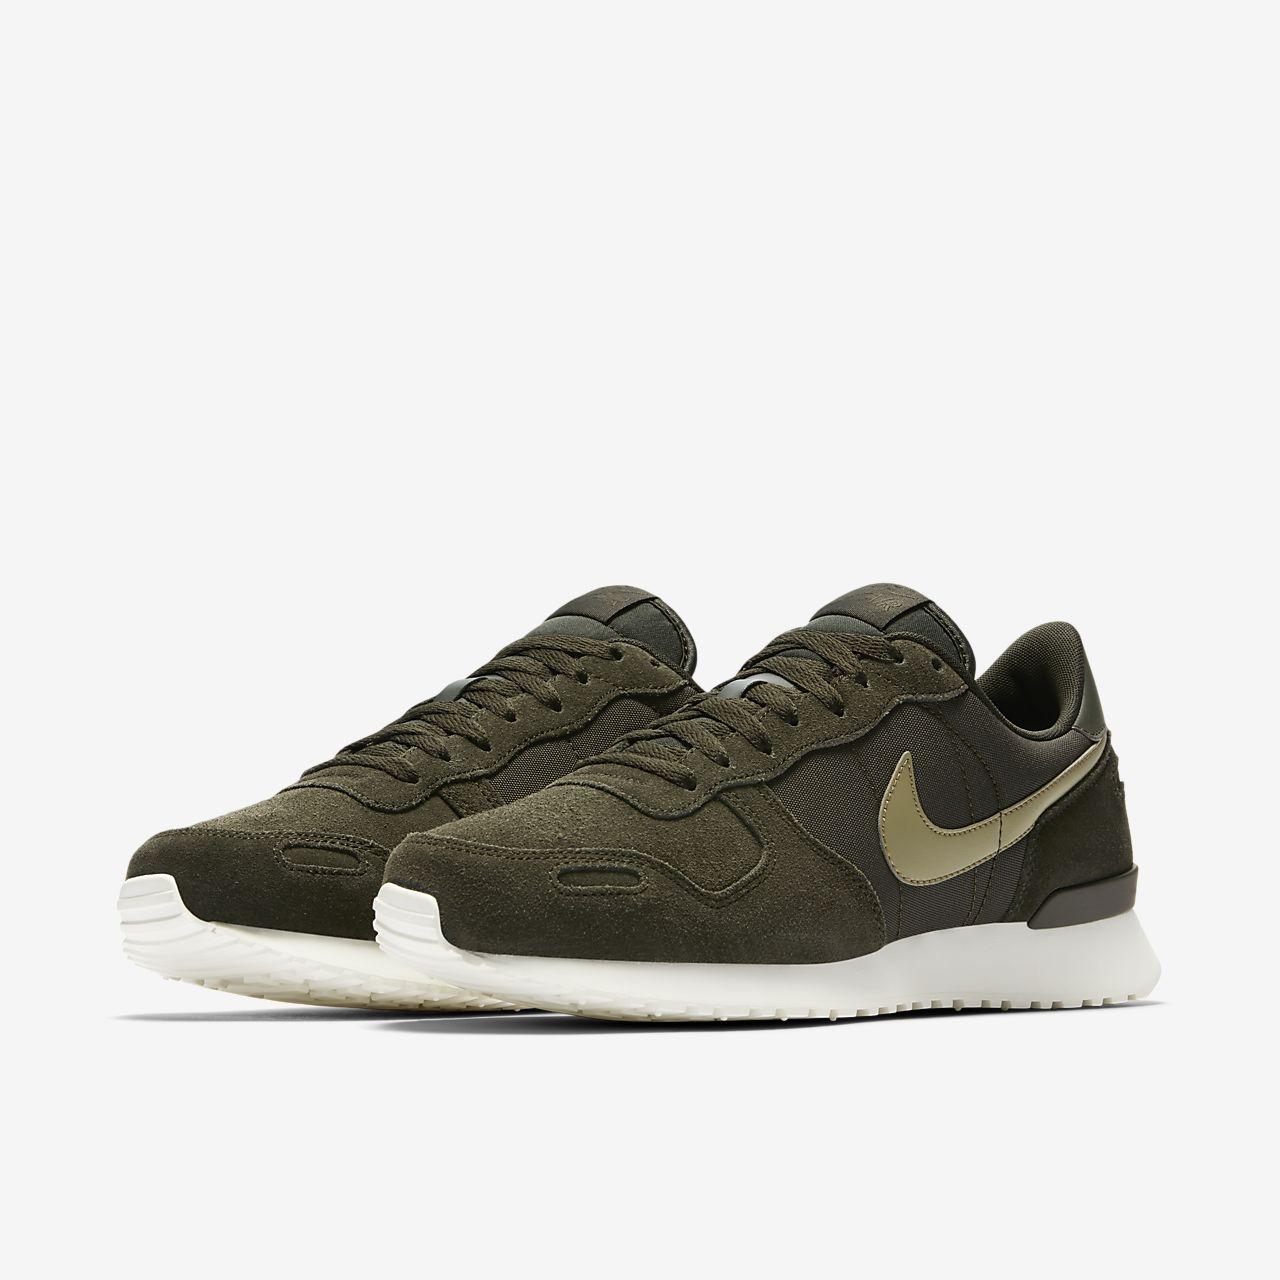 Chaussures Nike Air Vortex marron homme m3jmMTI2pv